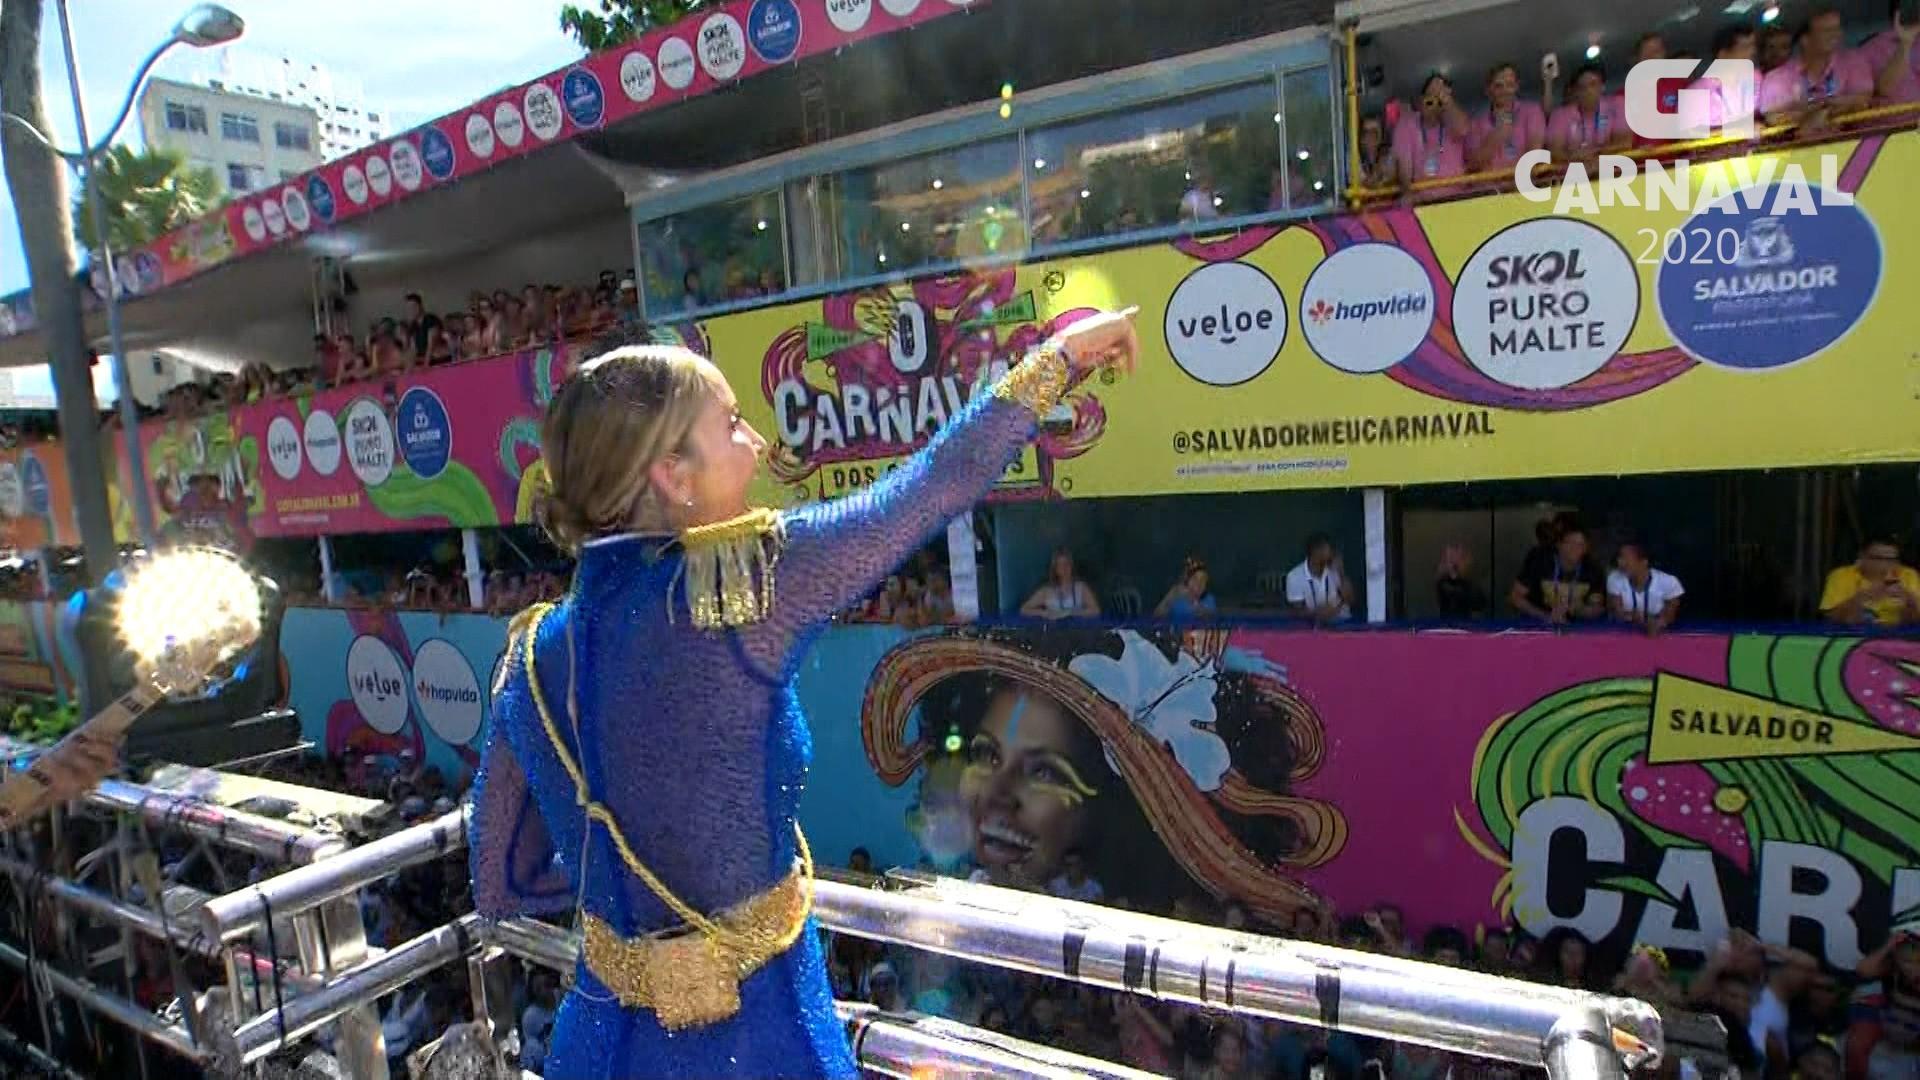 Carnaval de Salvador: segunda-feira, 24 de fevereiro